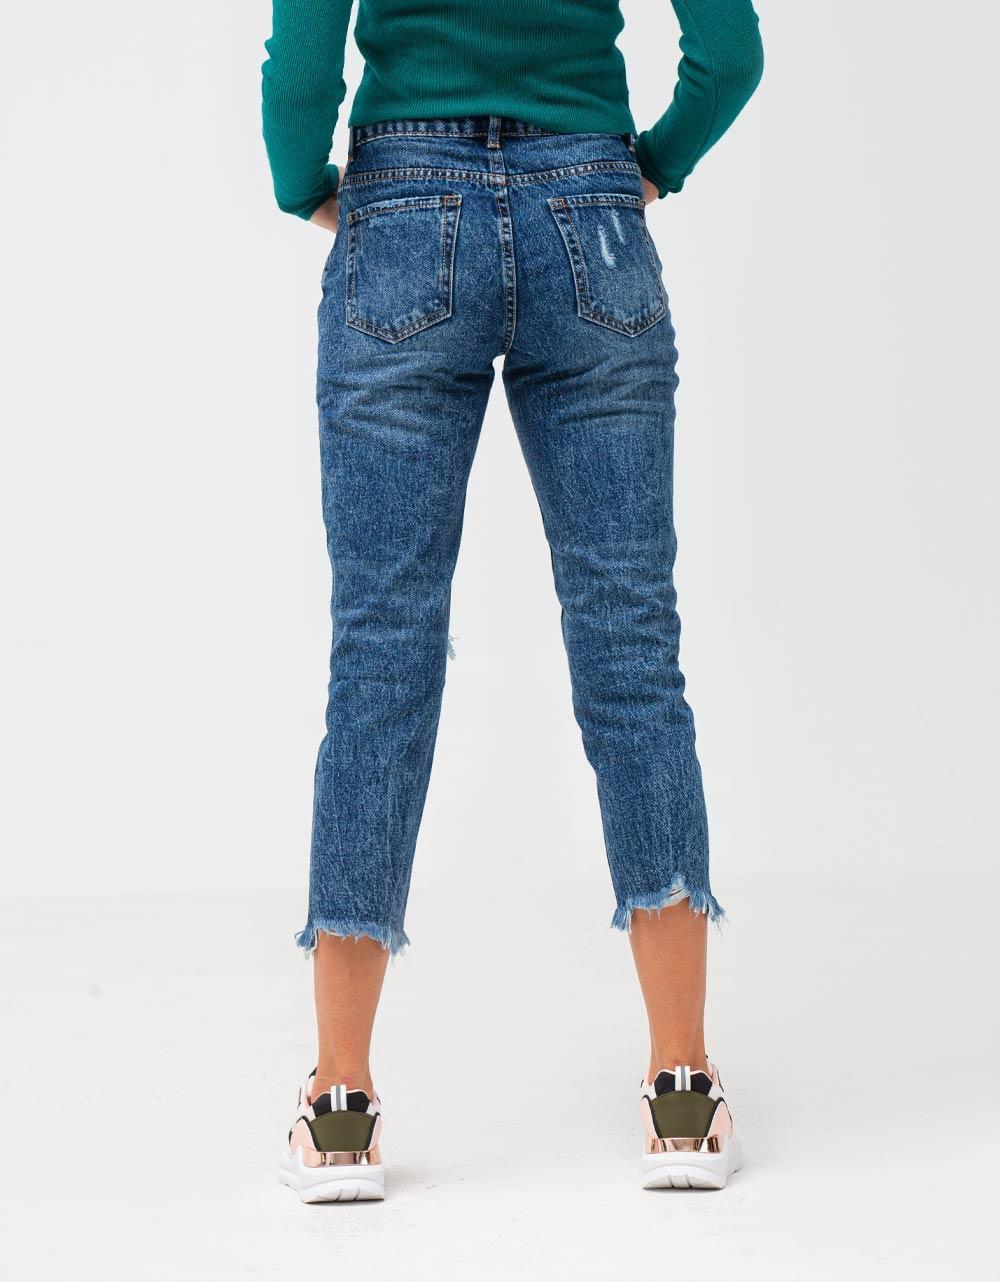 Εικόνα από Γυναικείο παντελόνι ψηλόμεσο με σκισίματα Τζιν